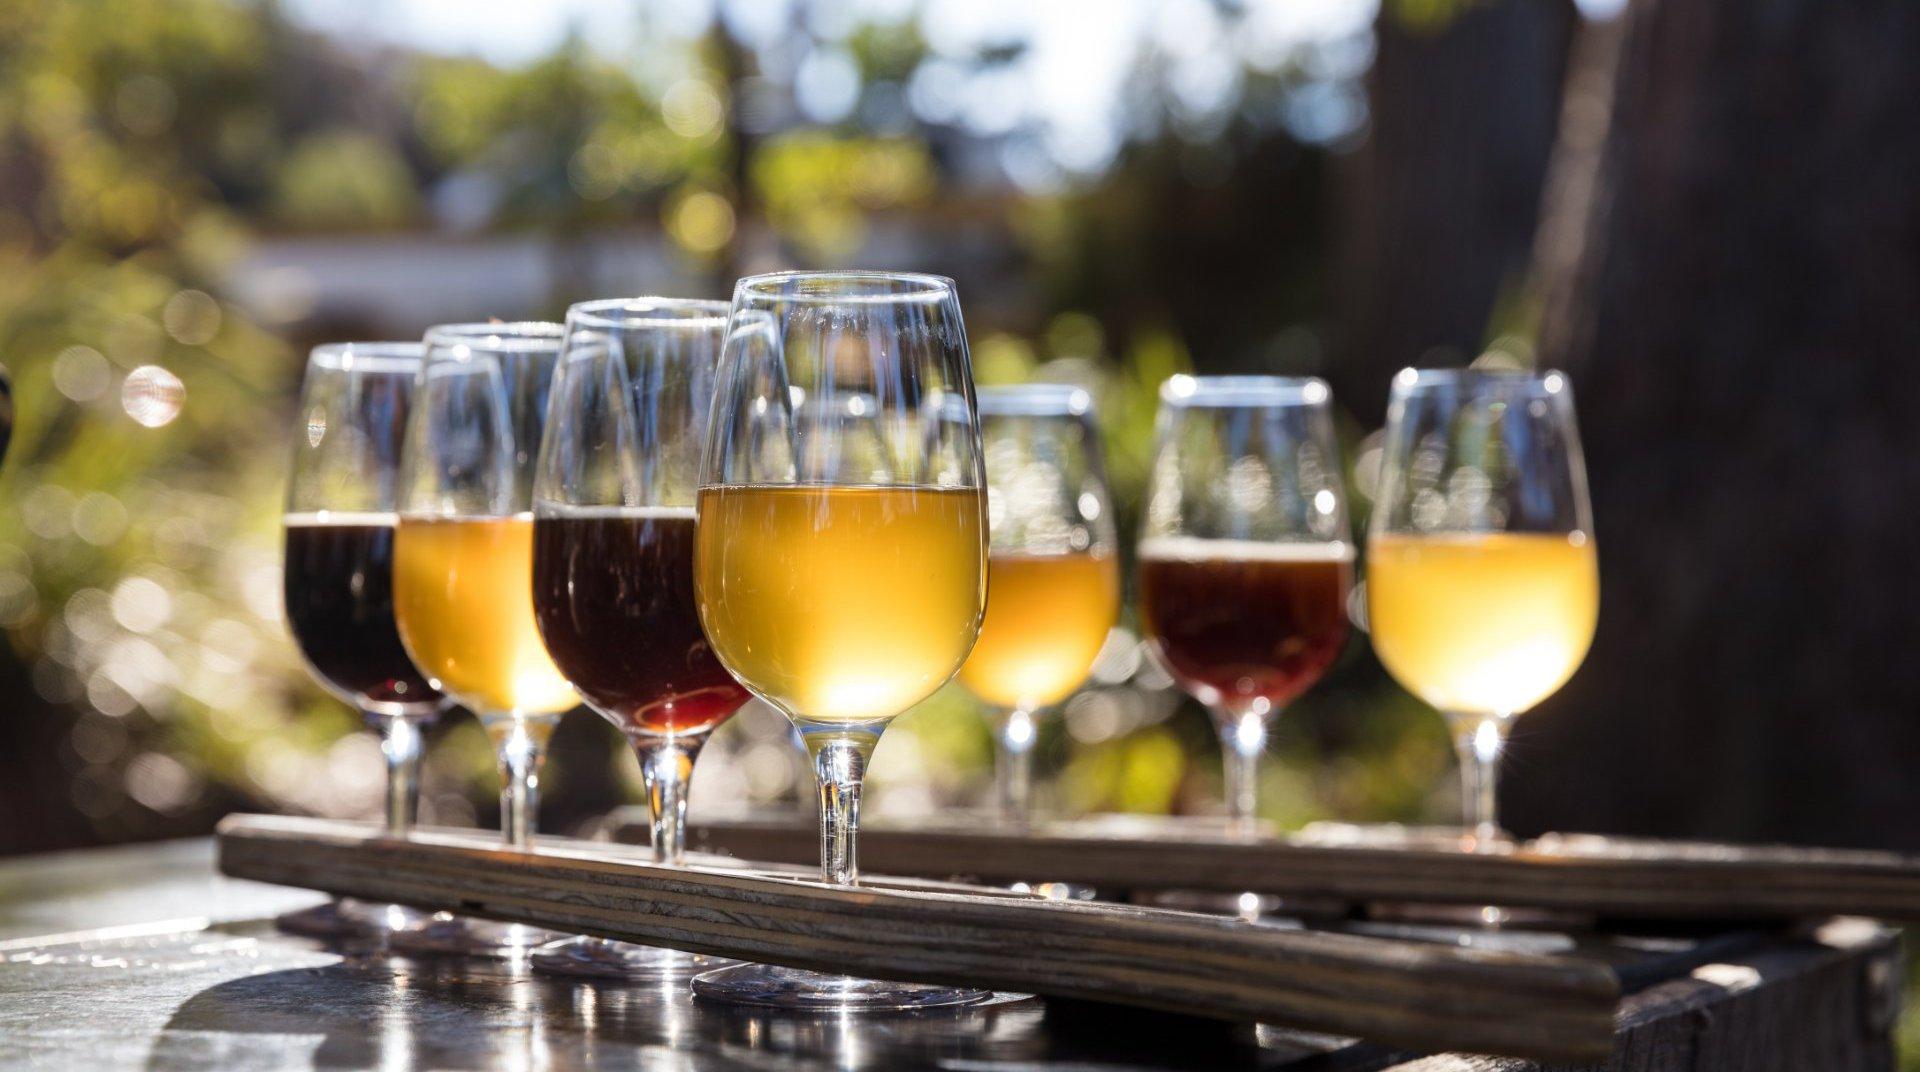 Beer tasting in the island of Mykonos